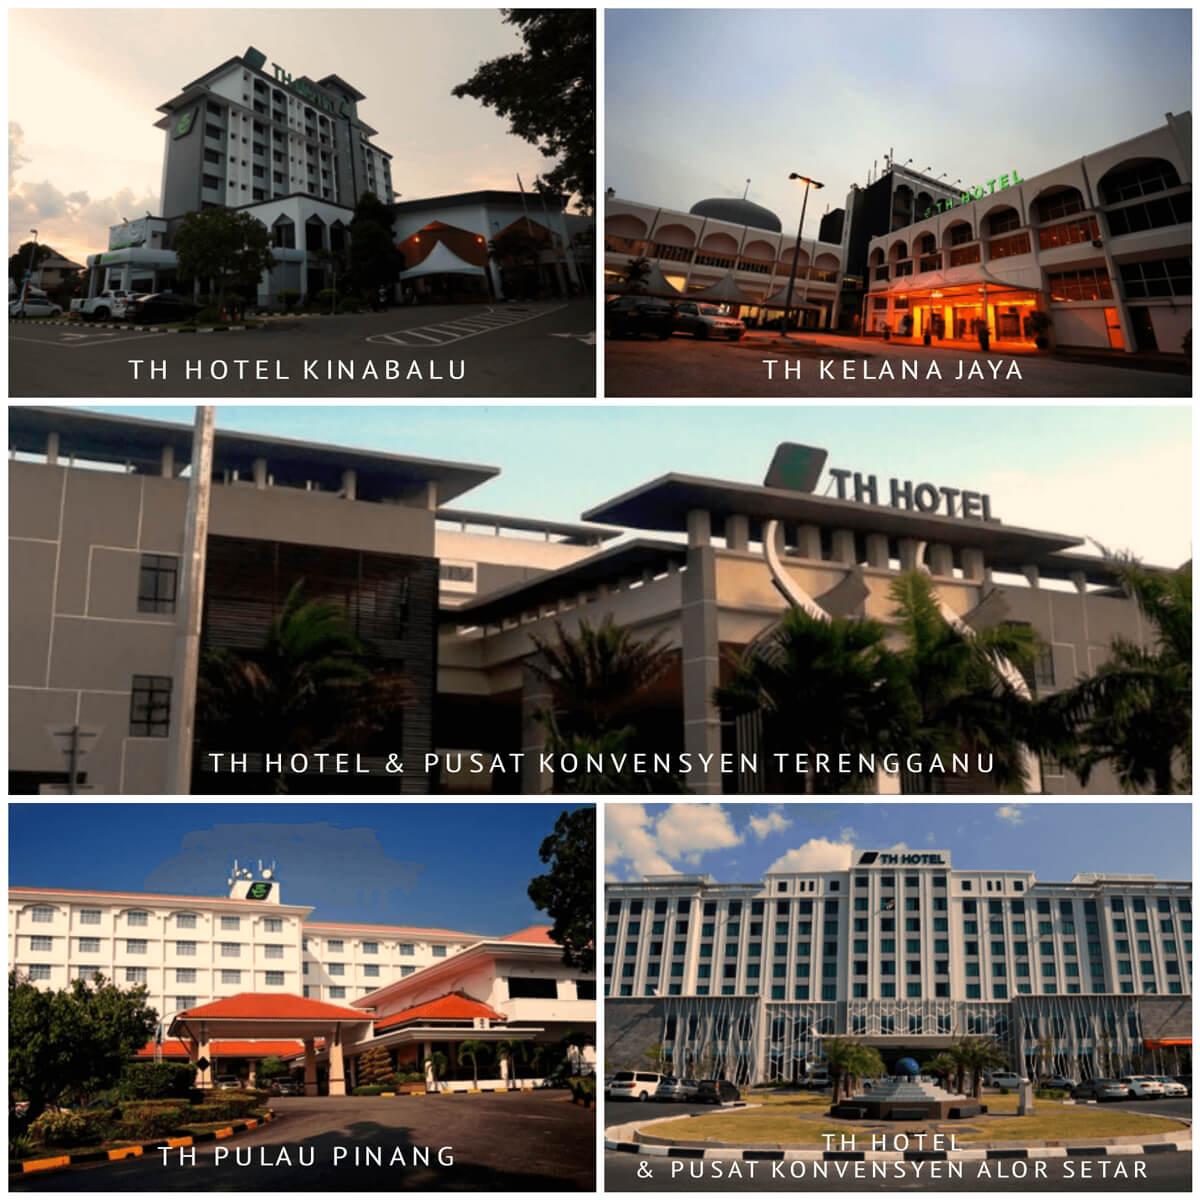 Senarai Hotel TH